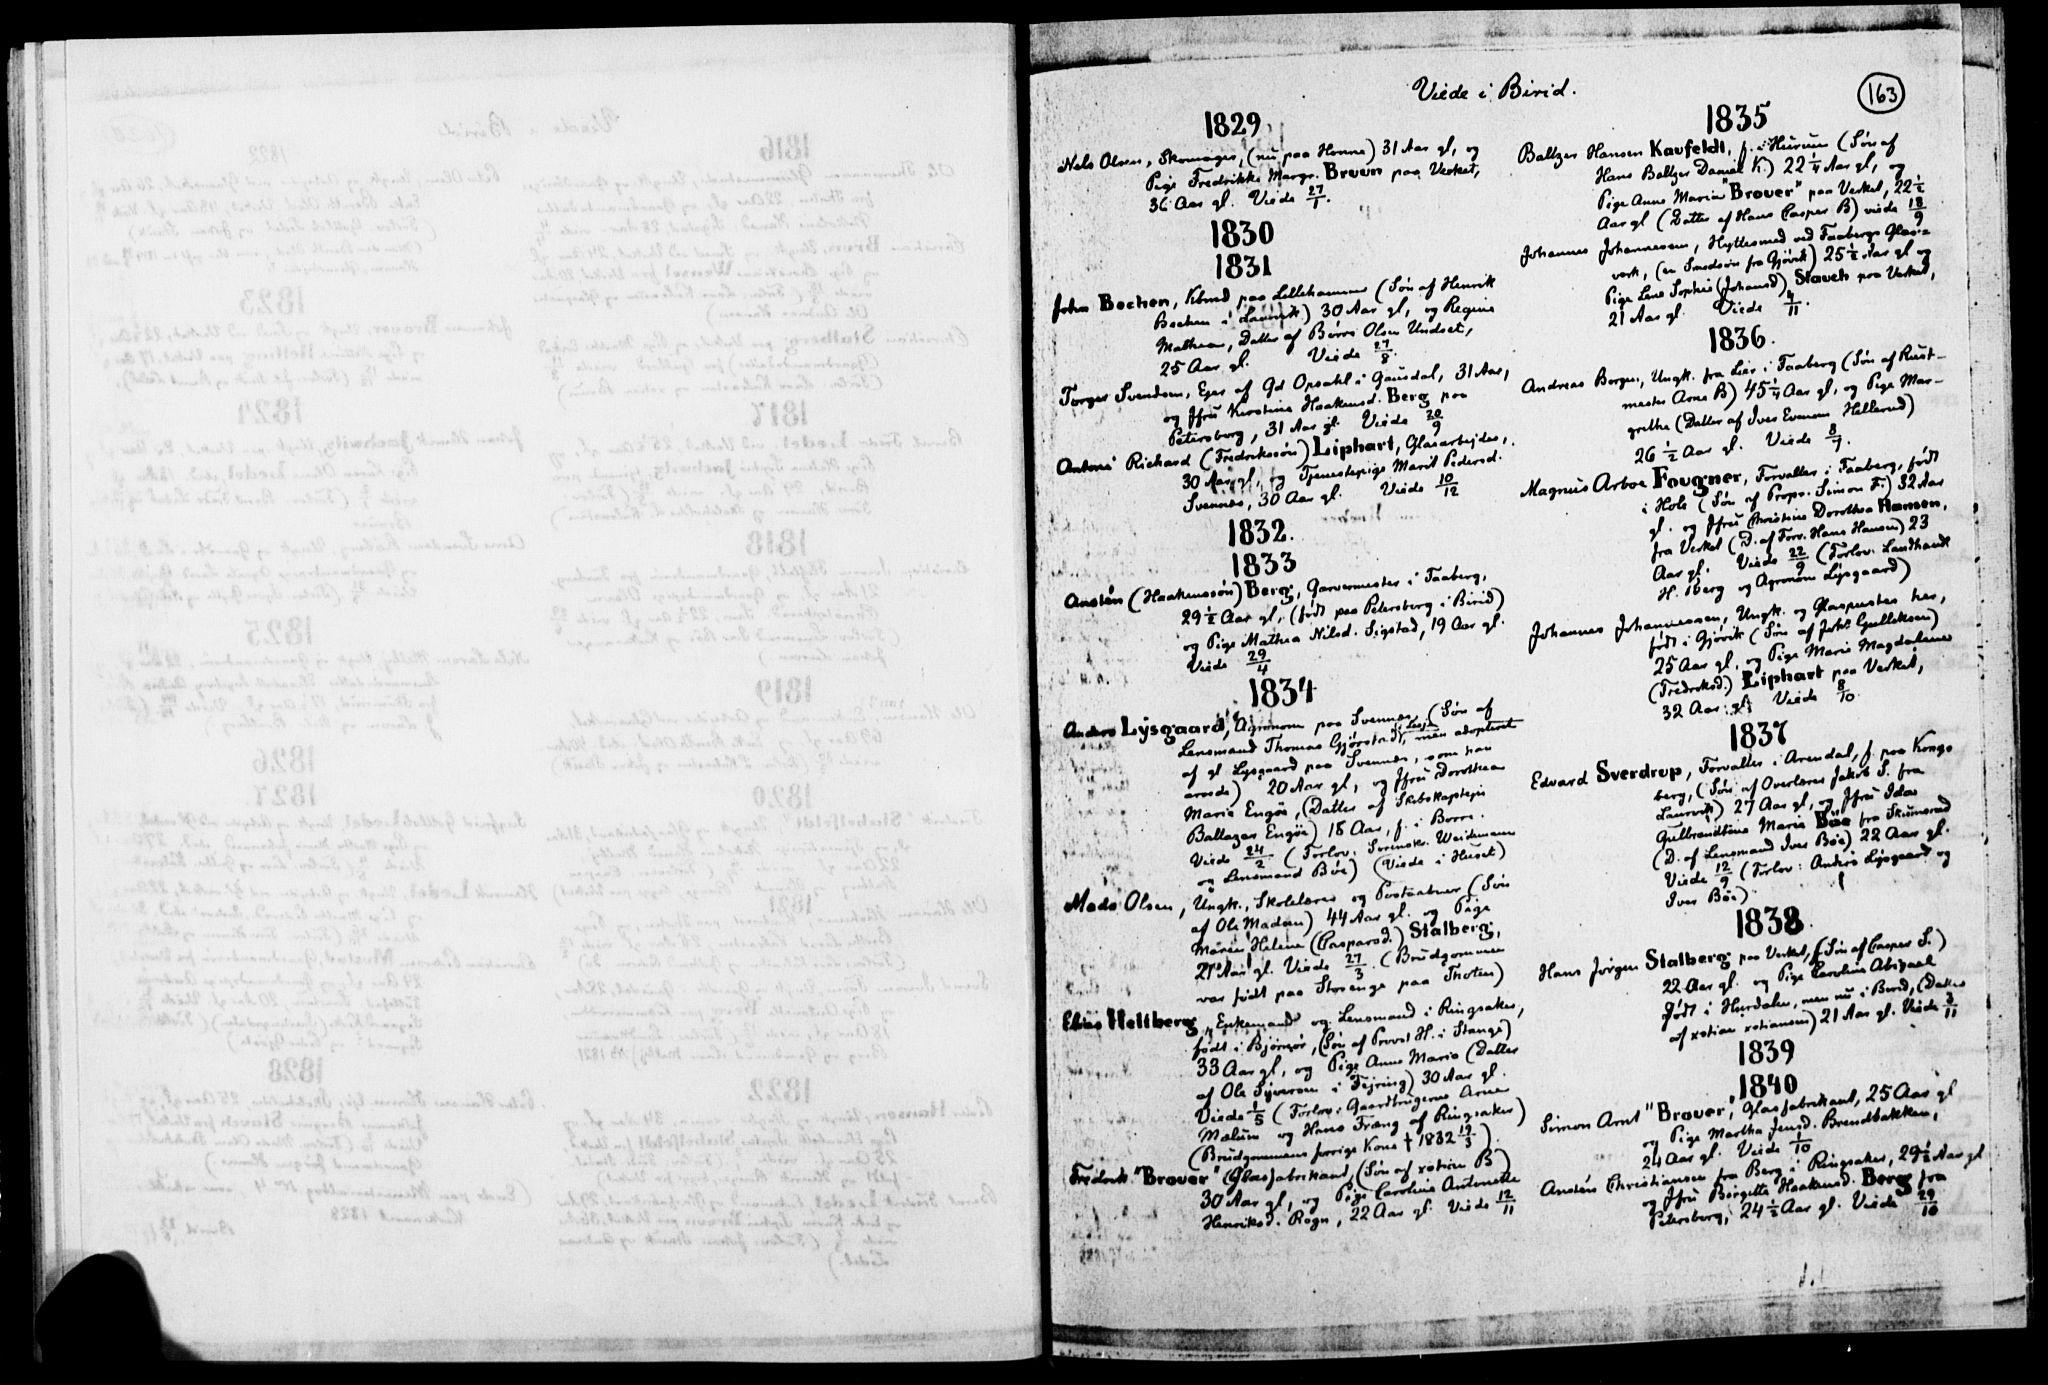 SAH, Biri prestekontor, Ministerialbok, 1730-1879, s. 163